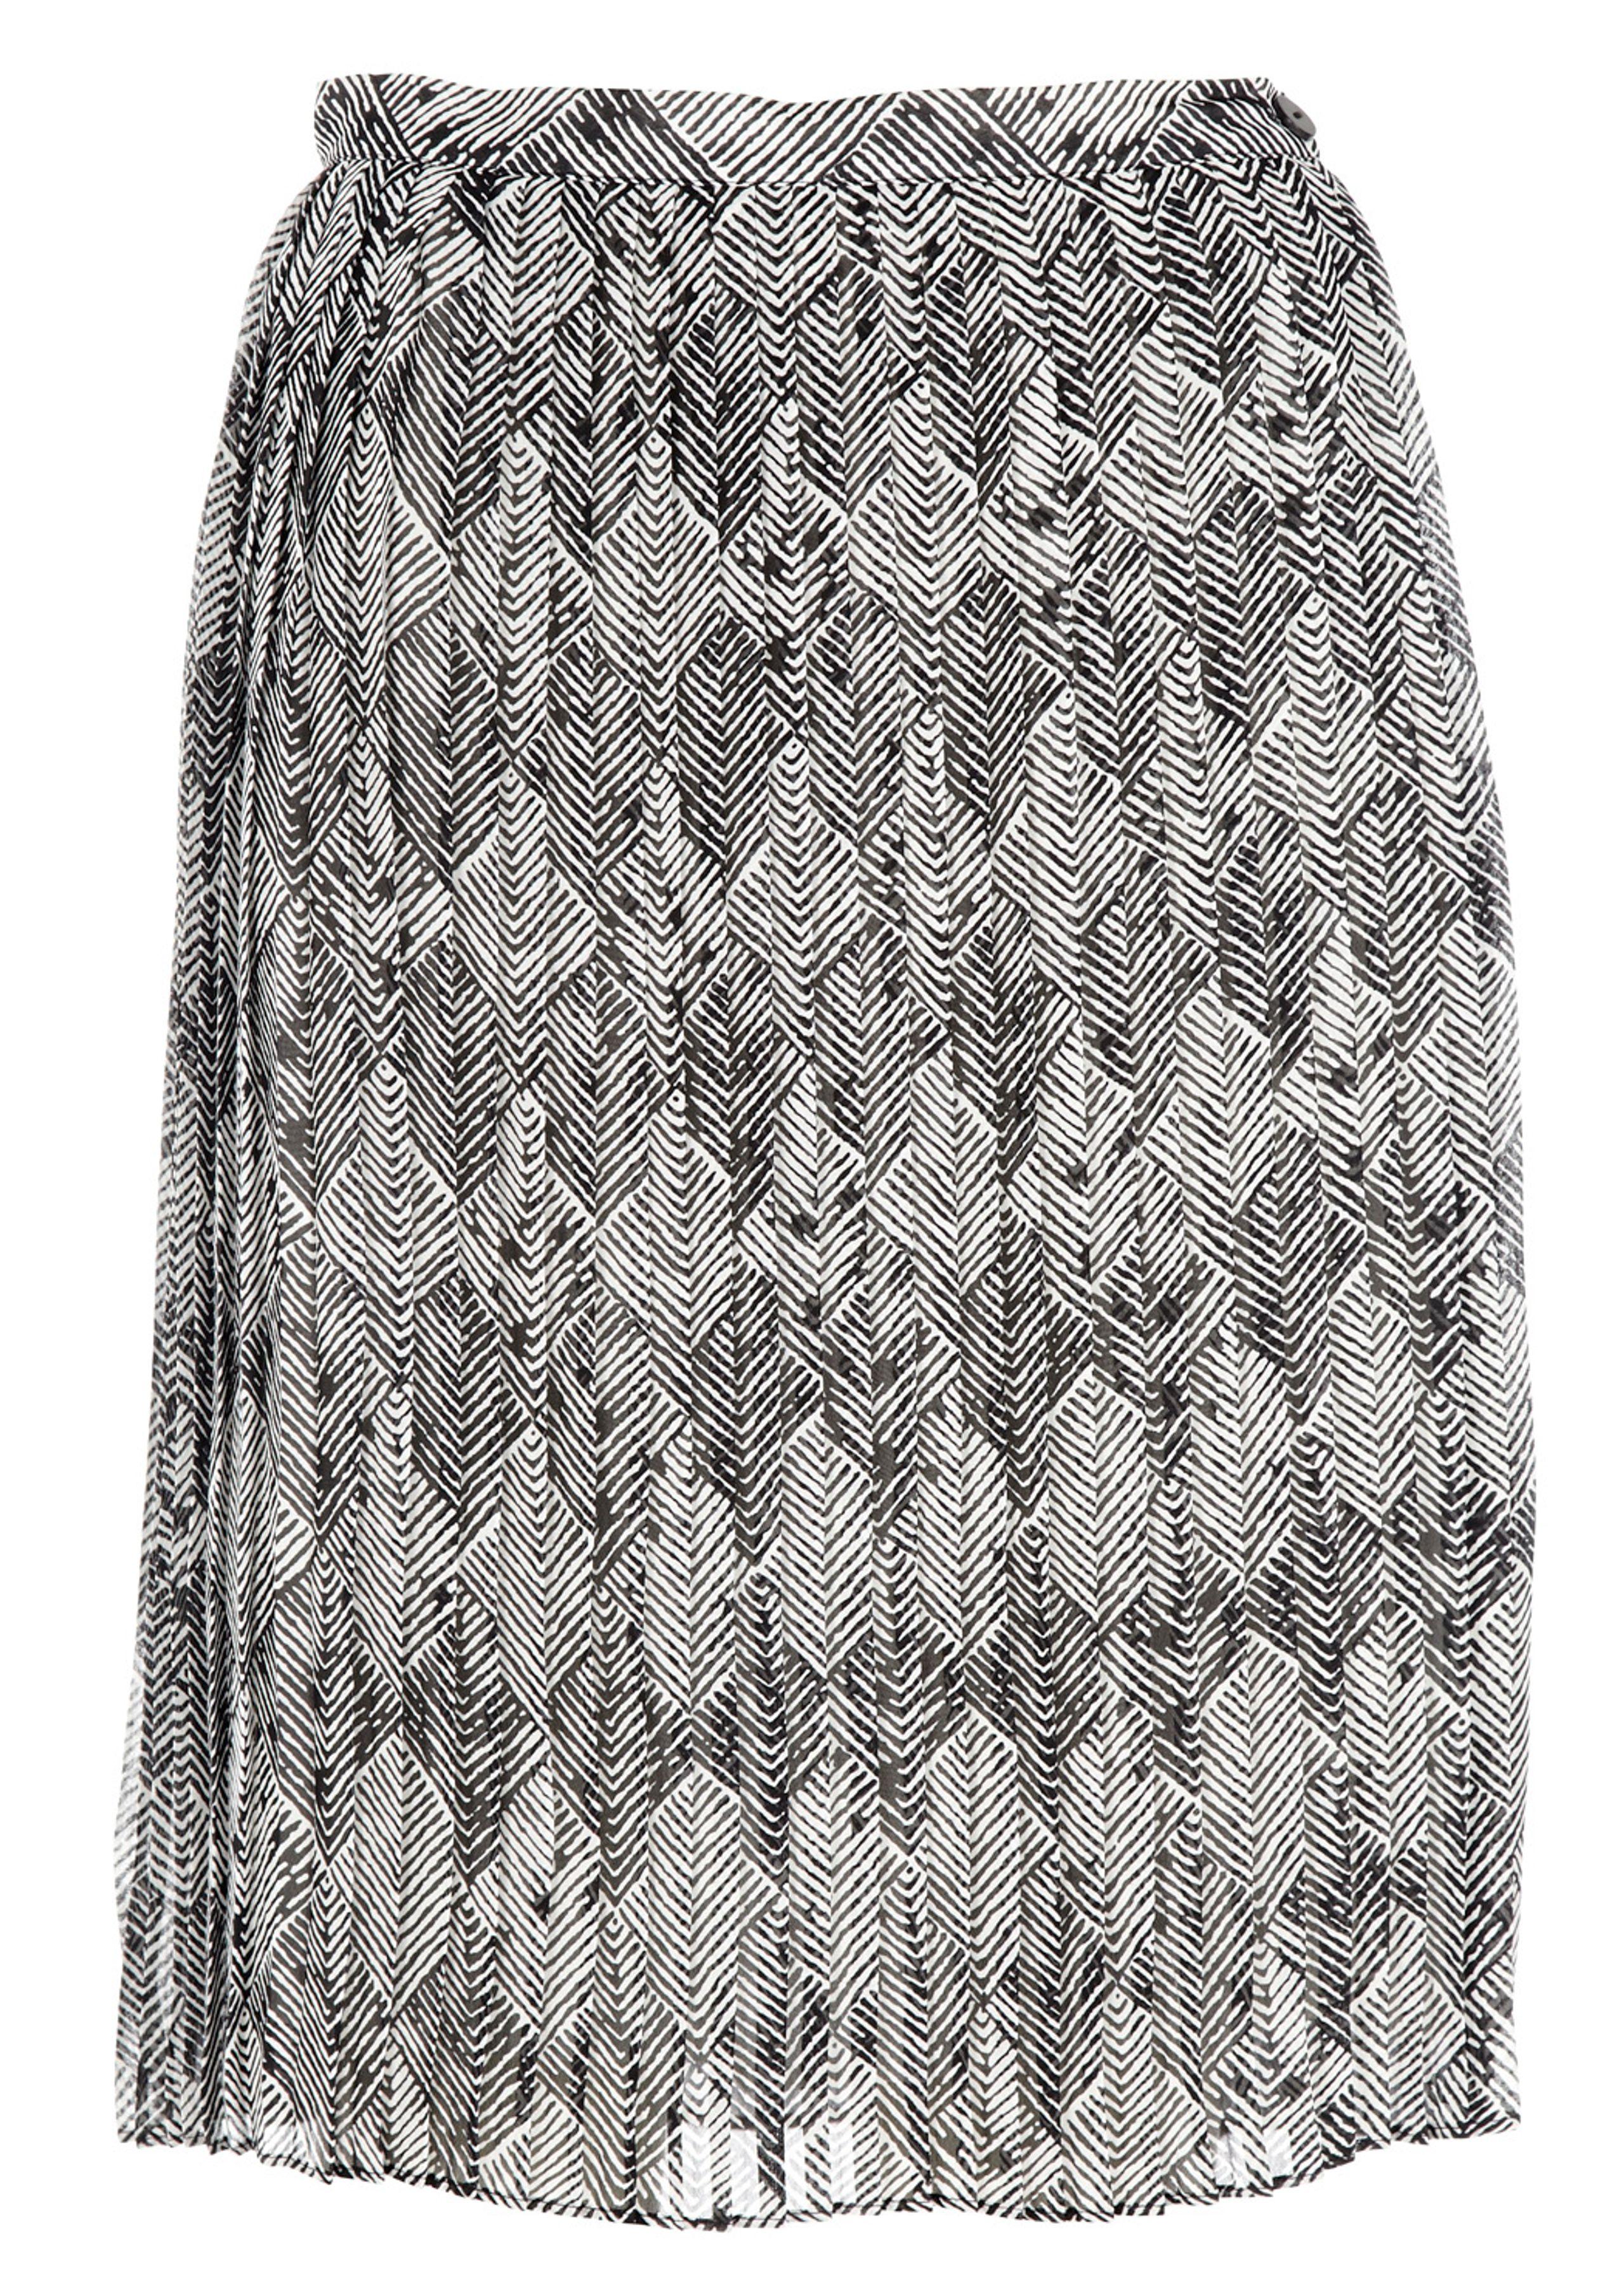 Sidse print skirt